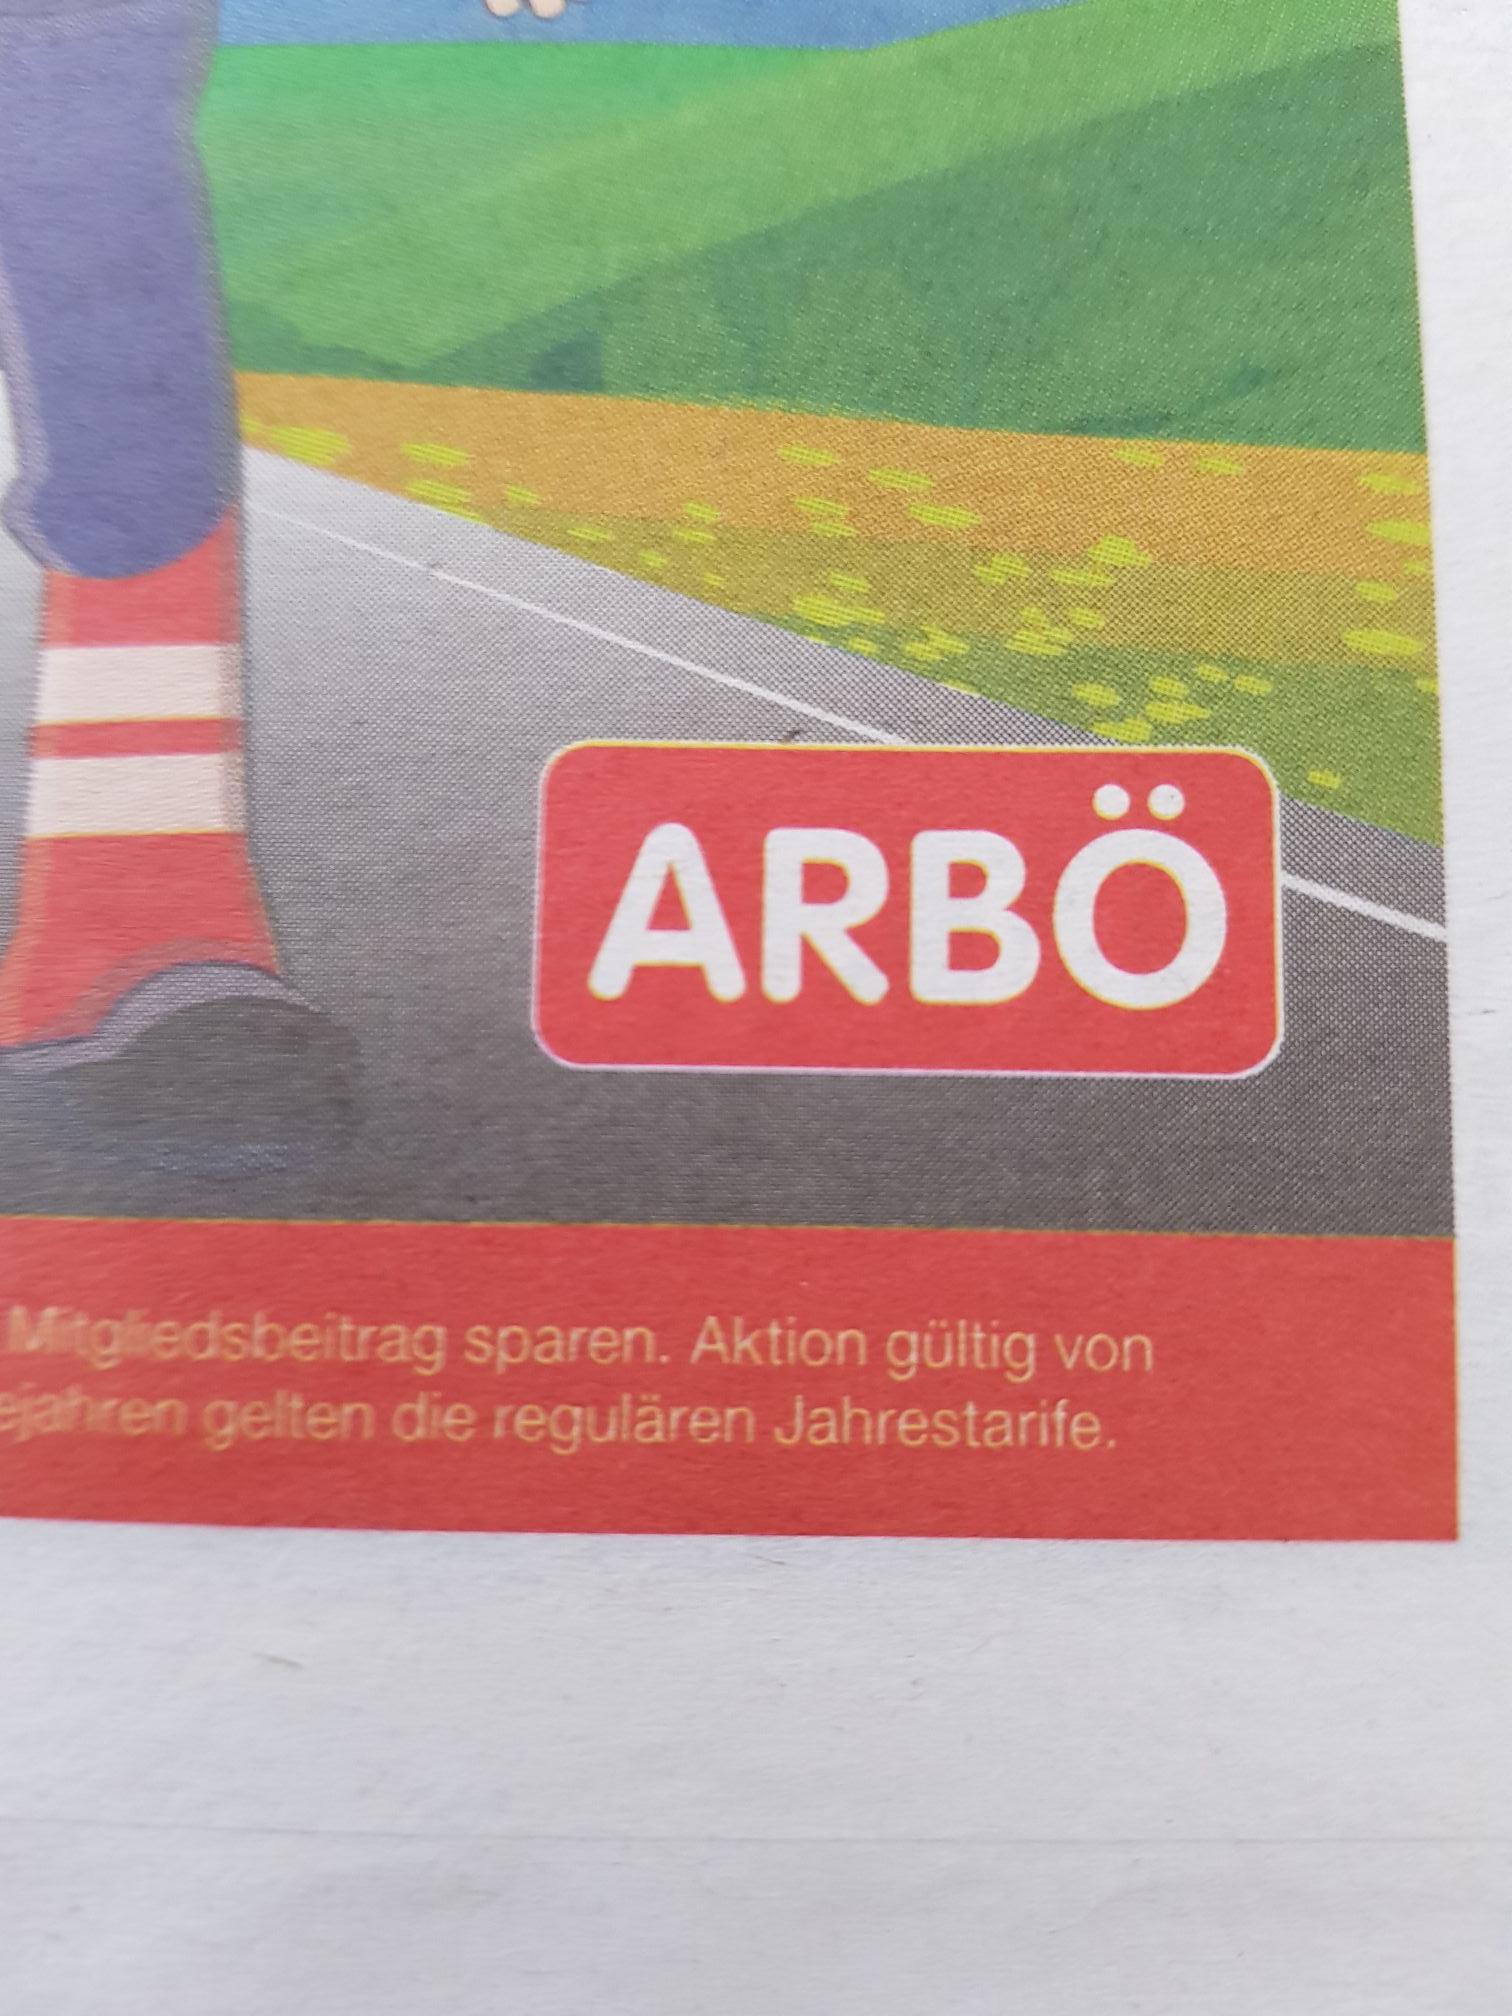 ARBÖ Mitglied werden und 4 Monate gratis Mitgliedschaft sparen